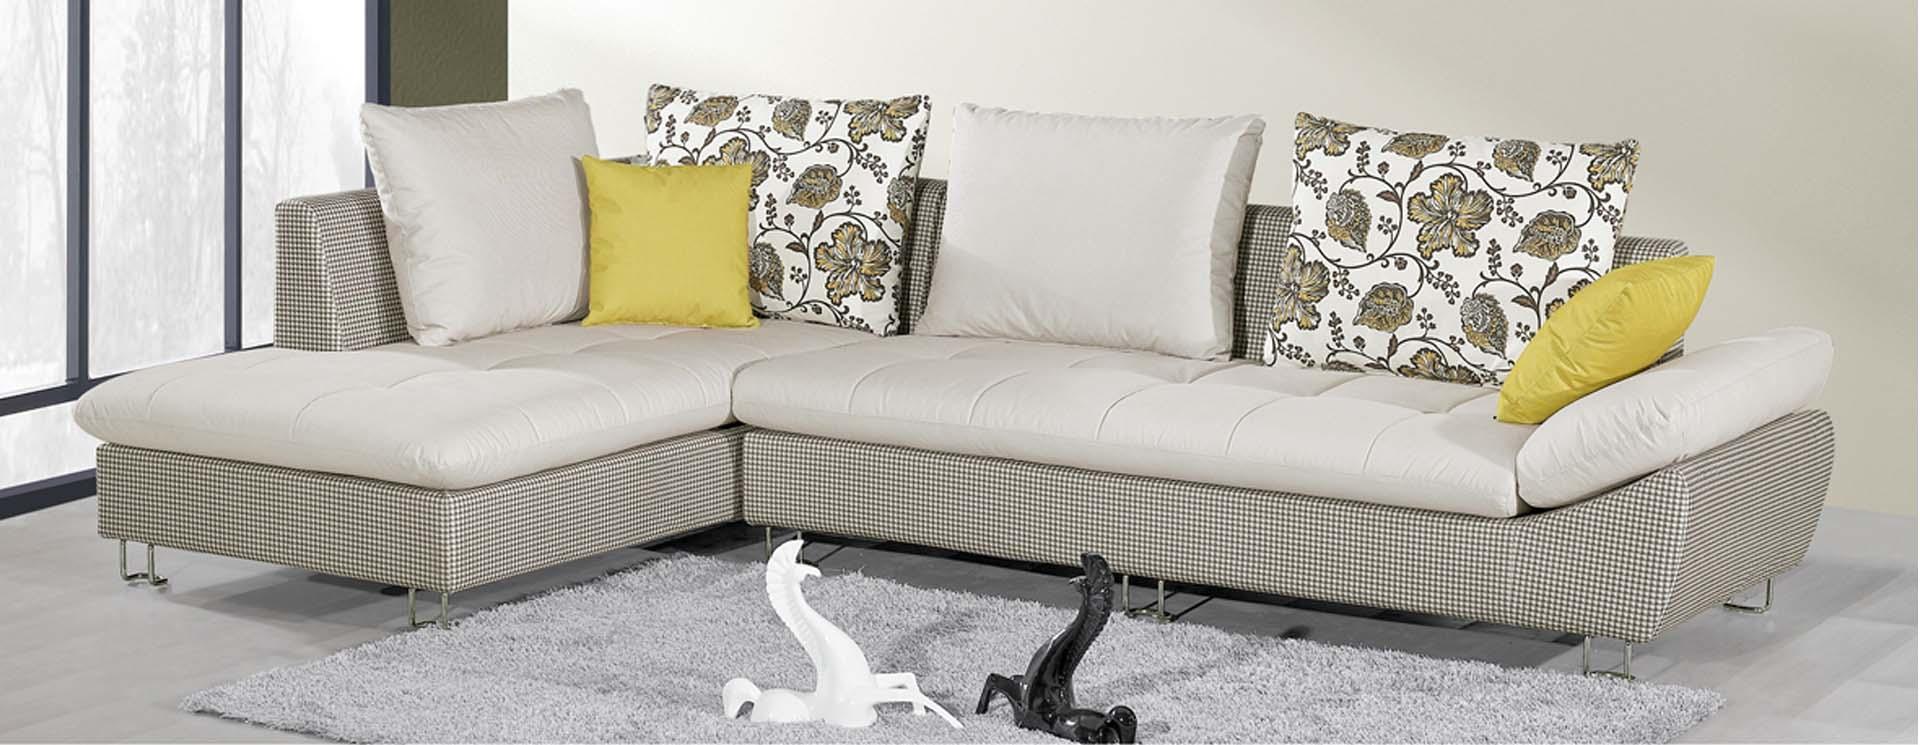 名称:沙发E-669A#<br/> 市场价:<font style='color:#999;text-decoration:line-through;'>¥0</font><br />全国统一零售价:<font color='Red'>¥0.0</font>